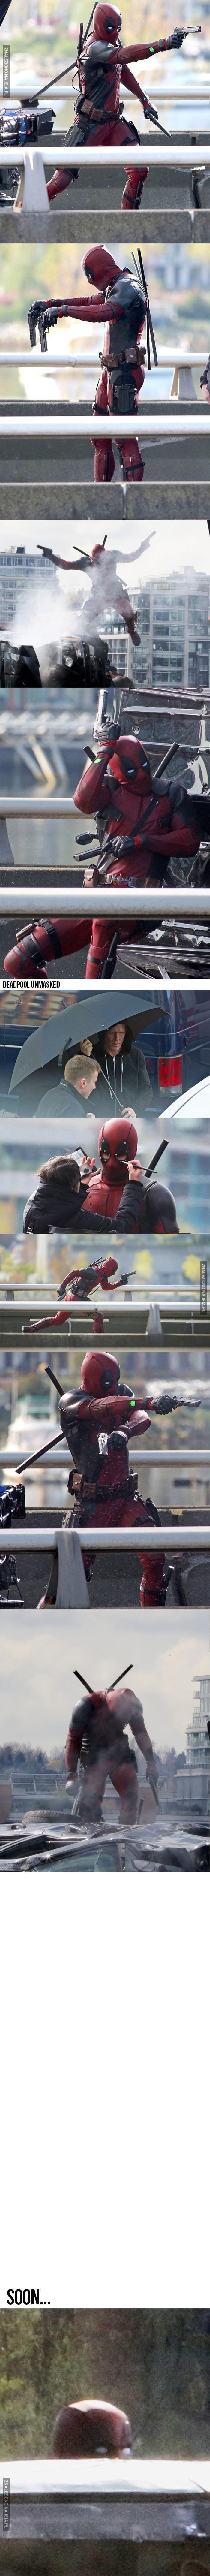 Deadpool nadchodzi!